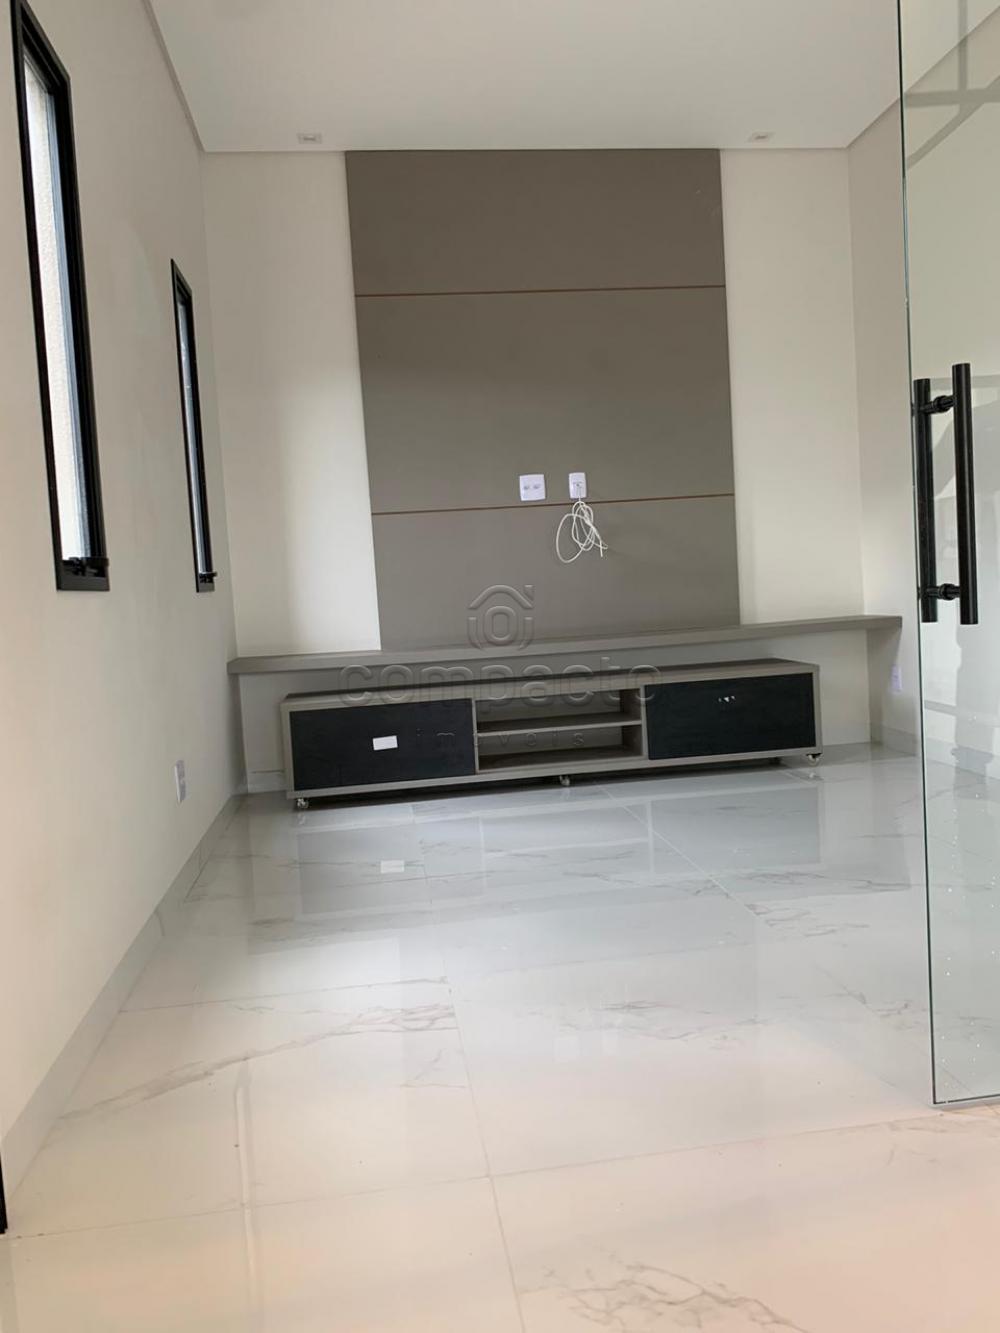 Comprar Casa / Condomínio em São José do Rio Preto apenas R$ 970.000,00 - Foto 3